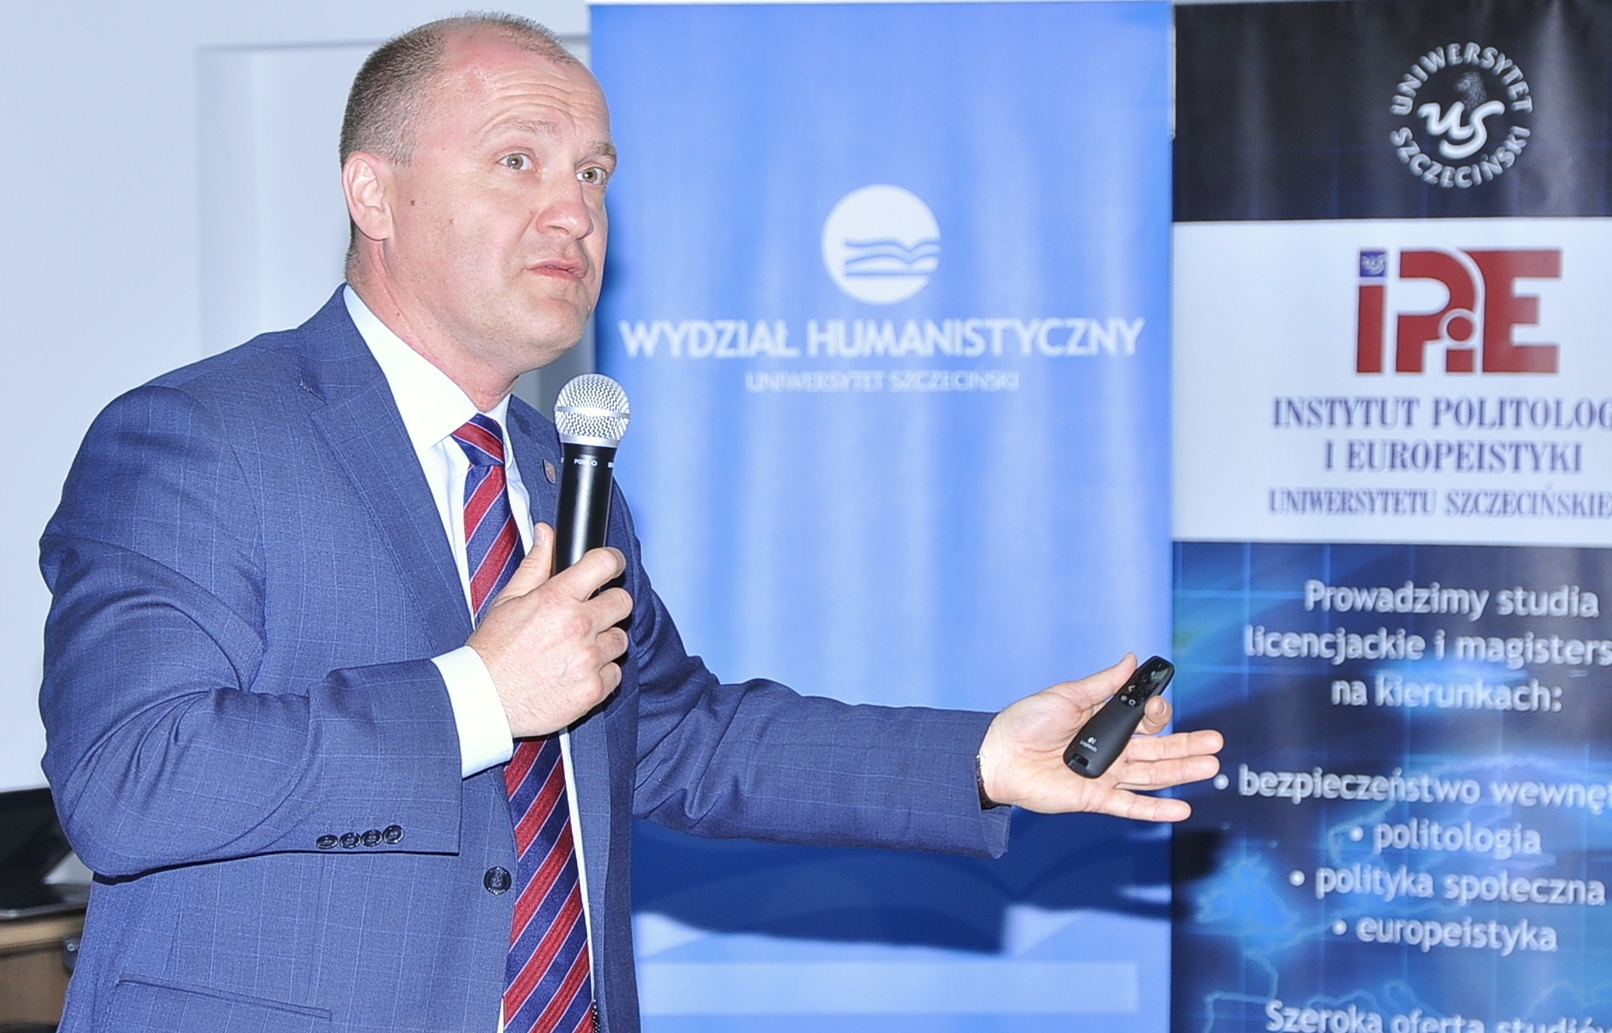 Prezydent Miasta Szczecin podczas wygłoszenia wykładu na WH – galeria zdjęć